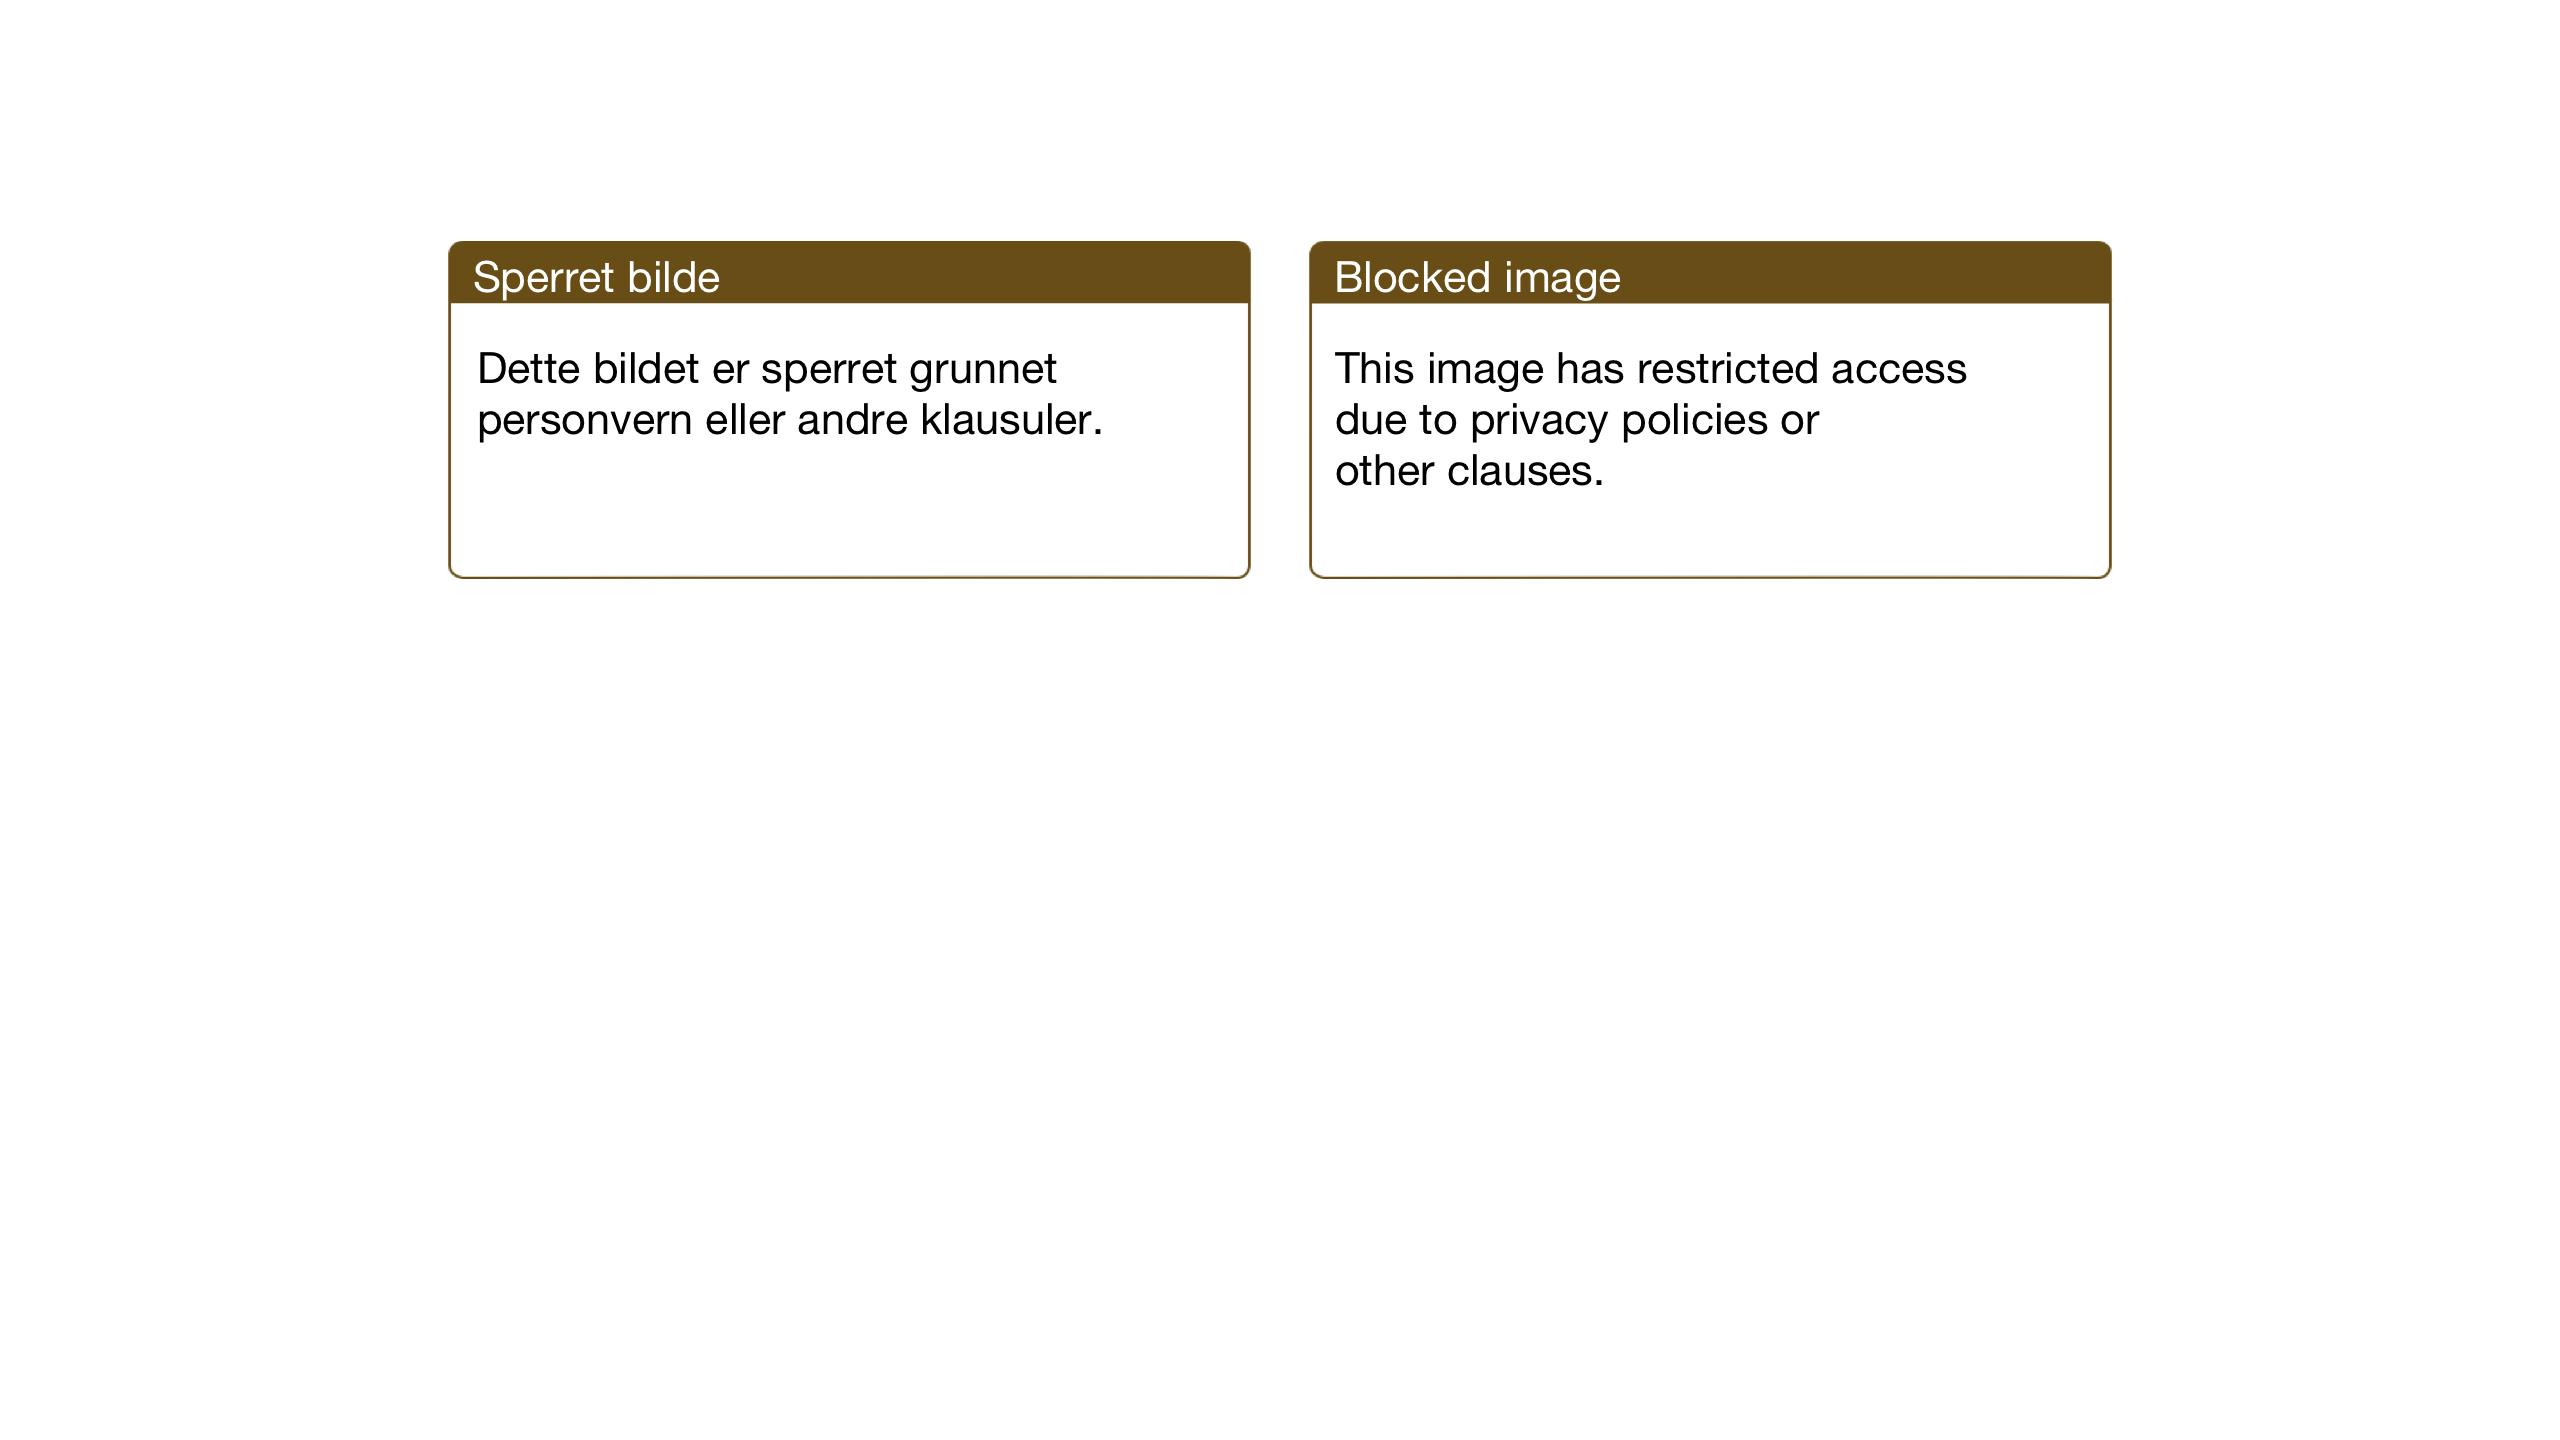 SAT, Ministerialprotokoller, klokkerbøker og fødselsregistre - Sør-Trøndelag, 630/L0508: Klokkerbok nr. 630C06, 1933-1950, s. 70